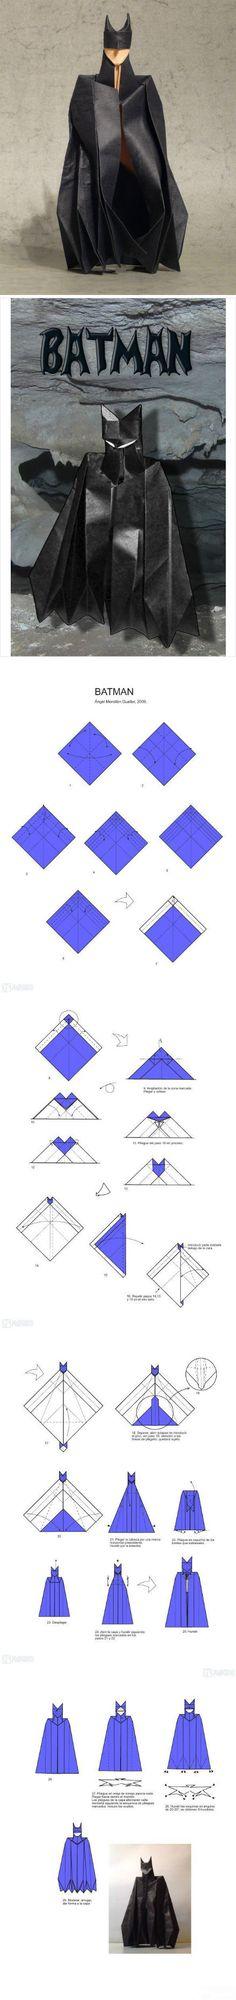 [Tutorial] Origami Batman, nicht viele Schritte, wie die Eltern können versuchen ~